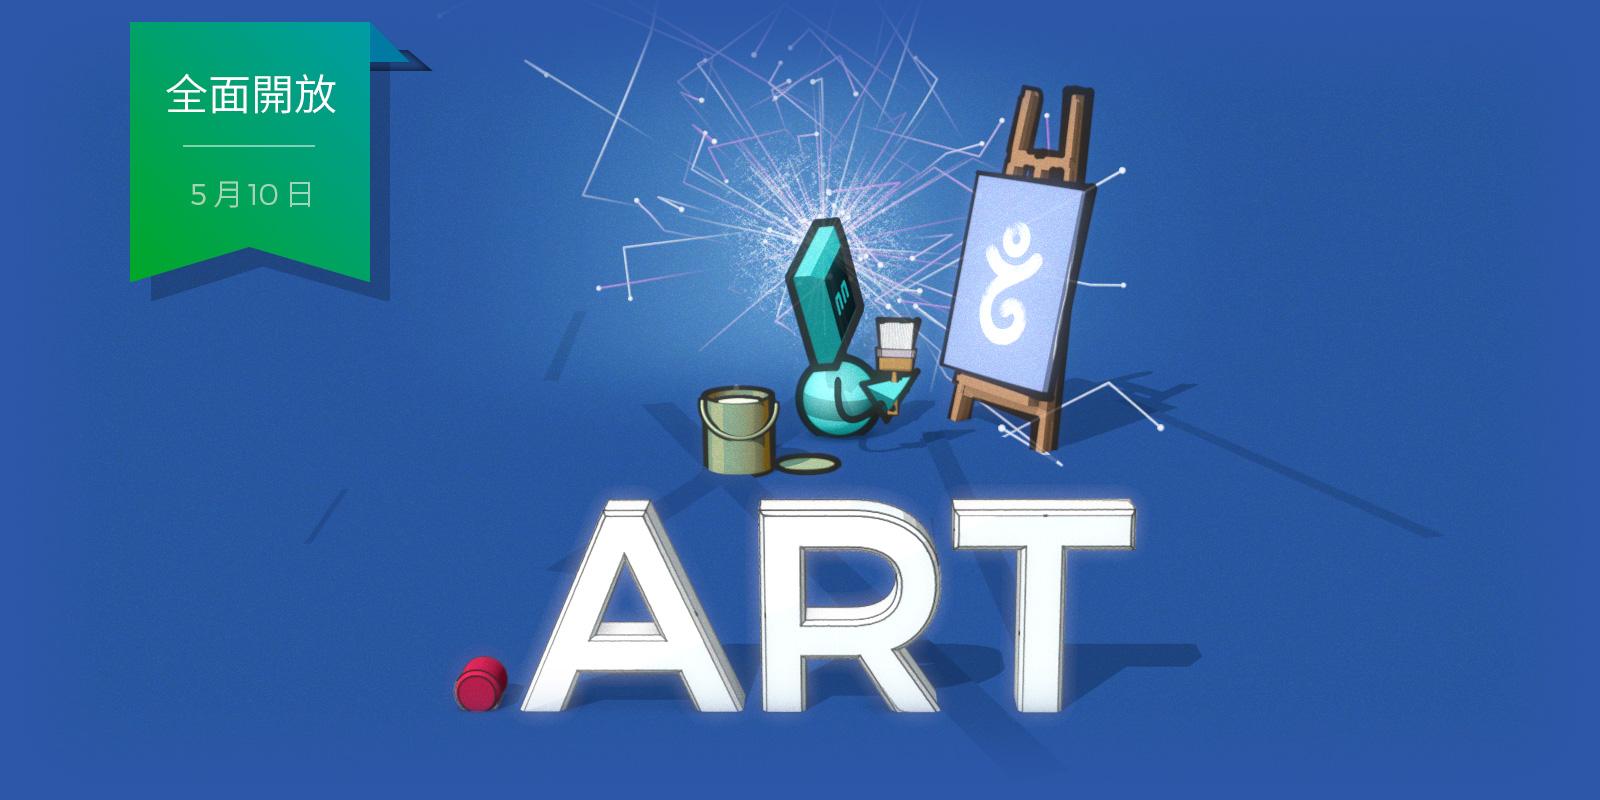 讓您的 .art 在網路上發聲